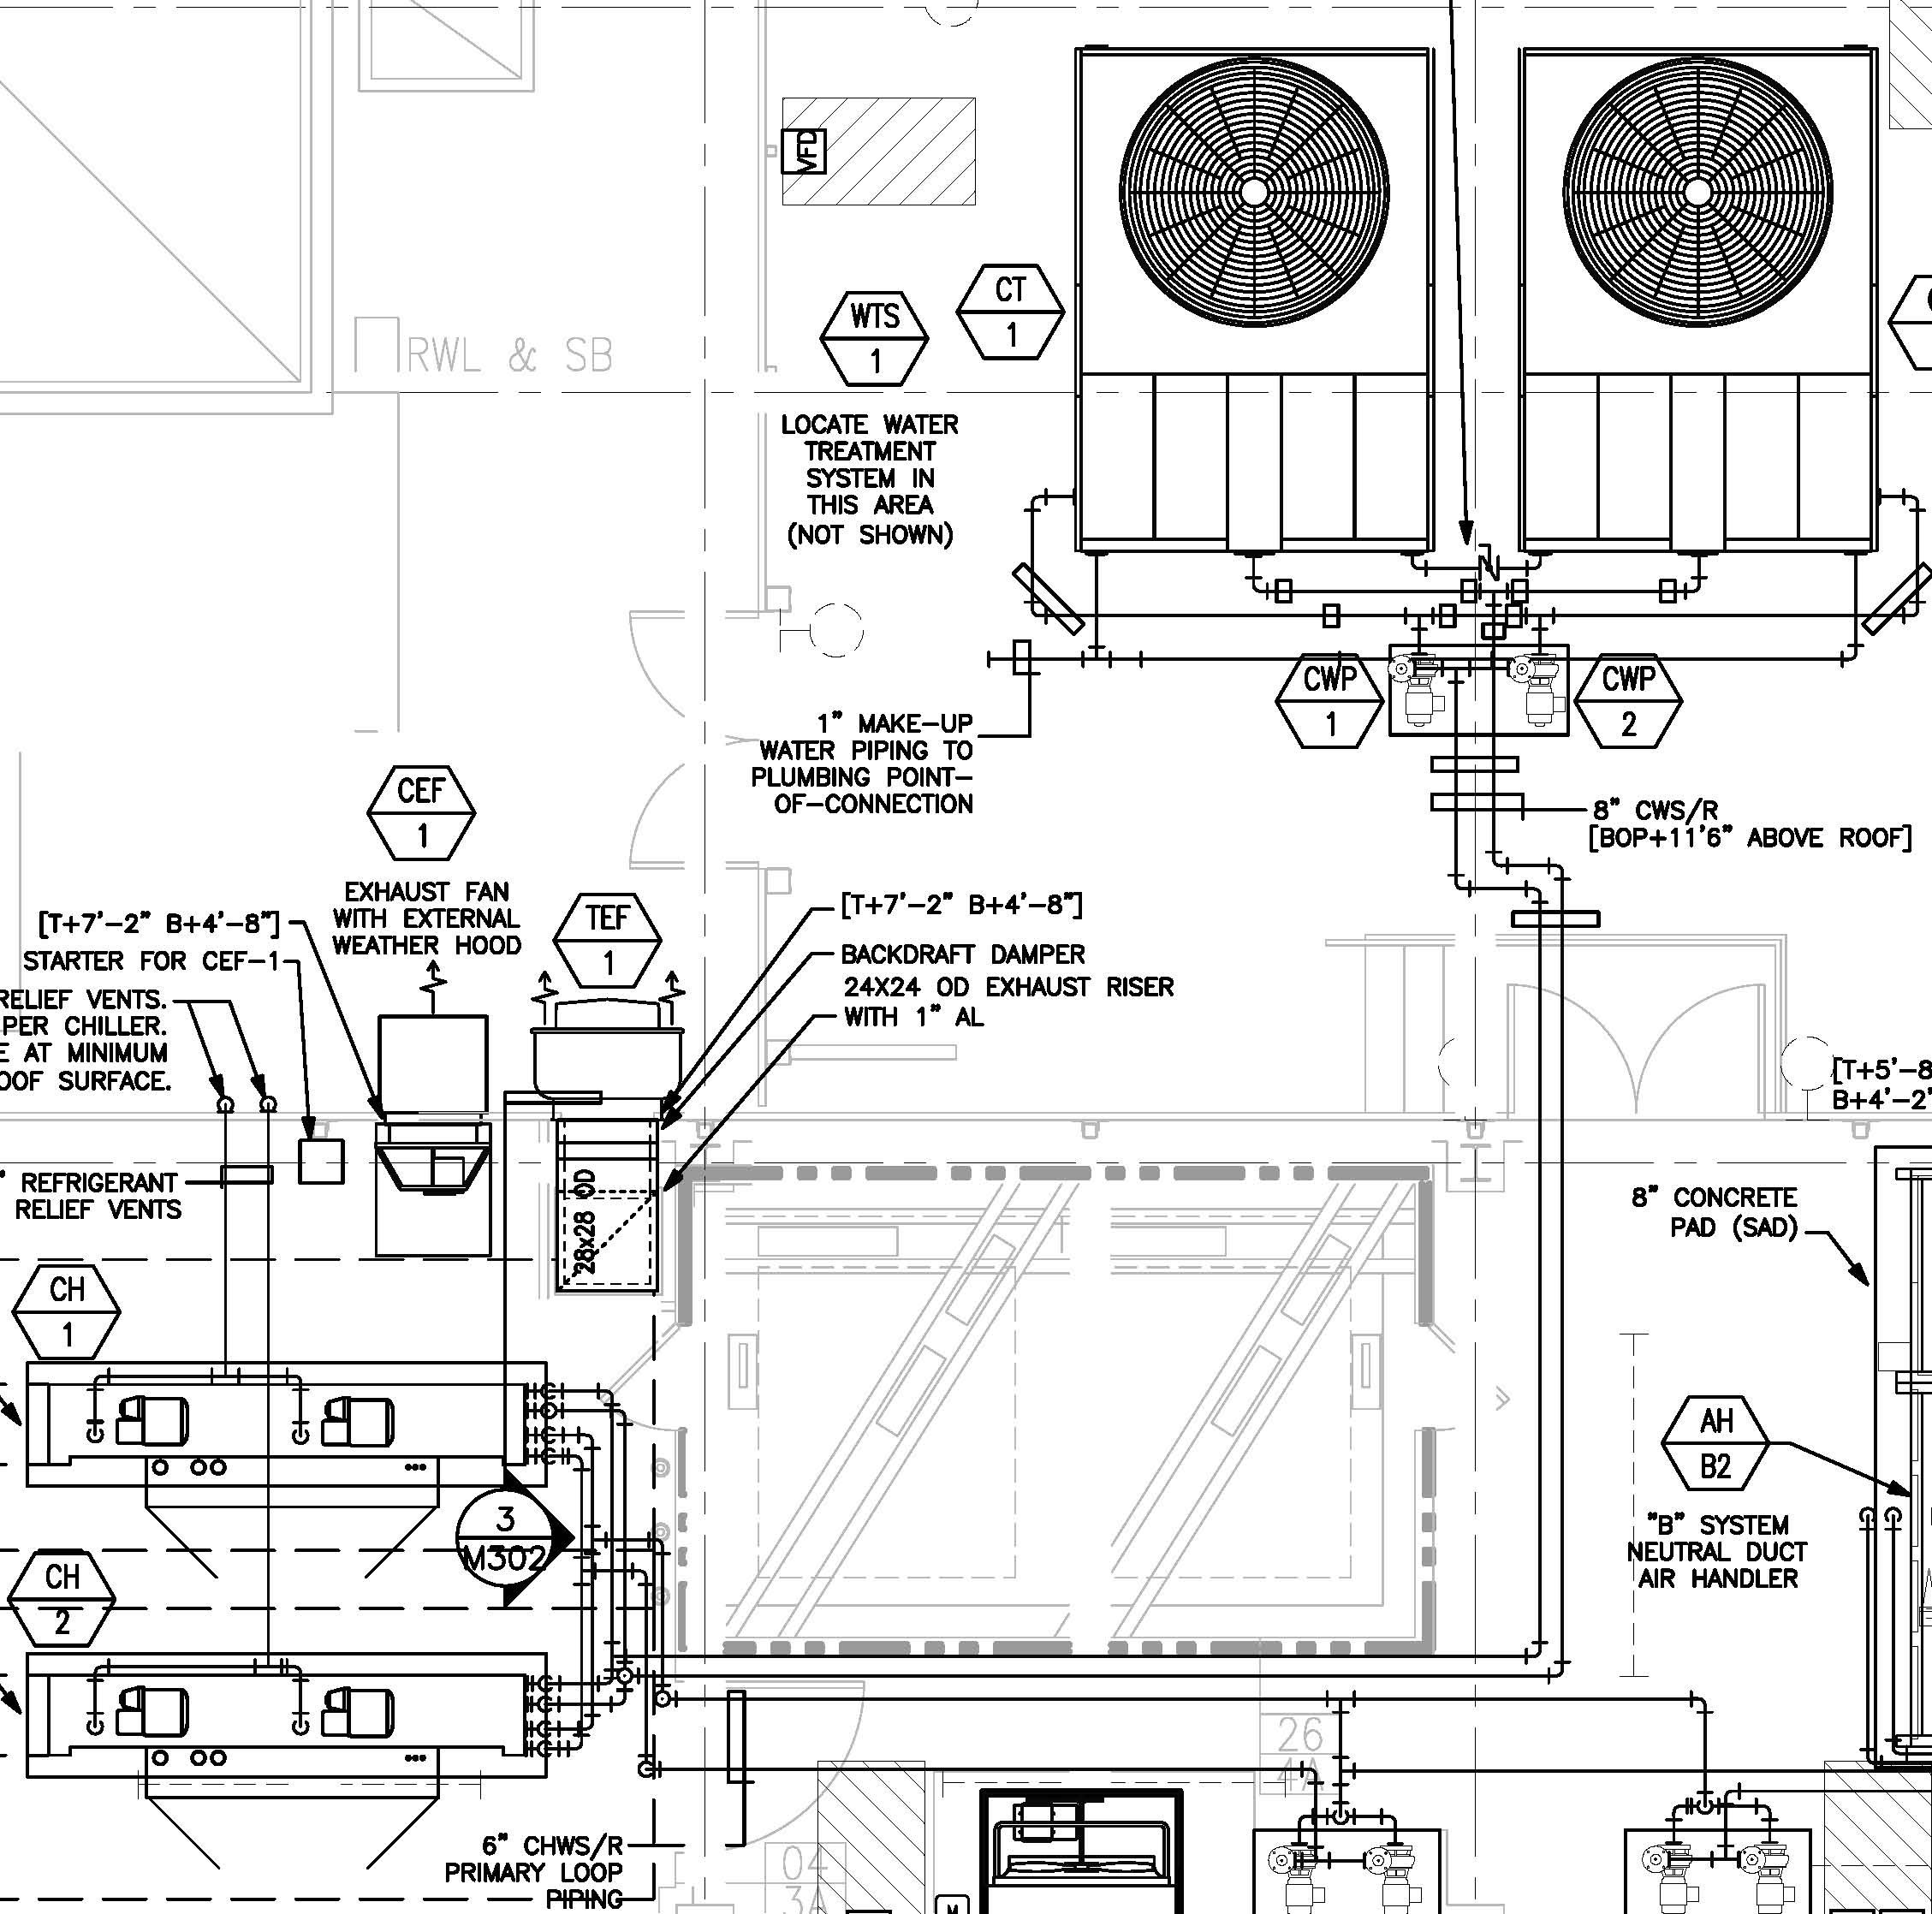 Control Engineering Block Diagram Diagrams Draw Block Diagram Closed Loop Control Of Control Engineering Block Diagram